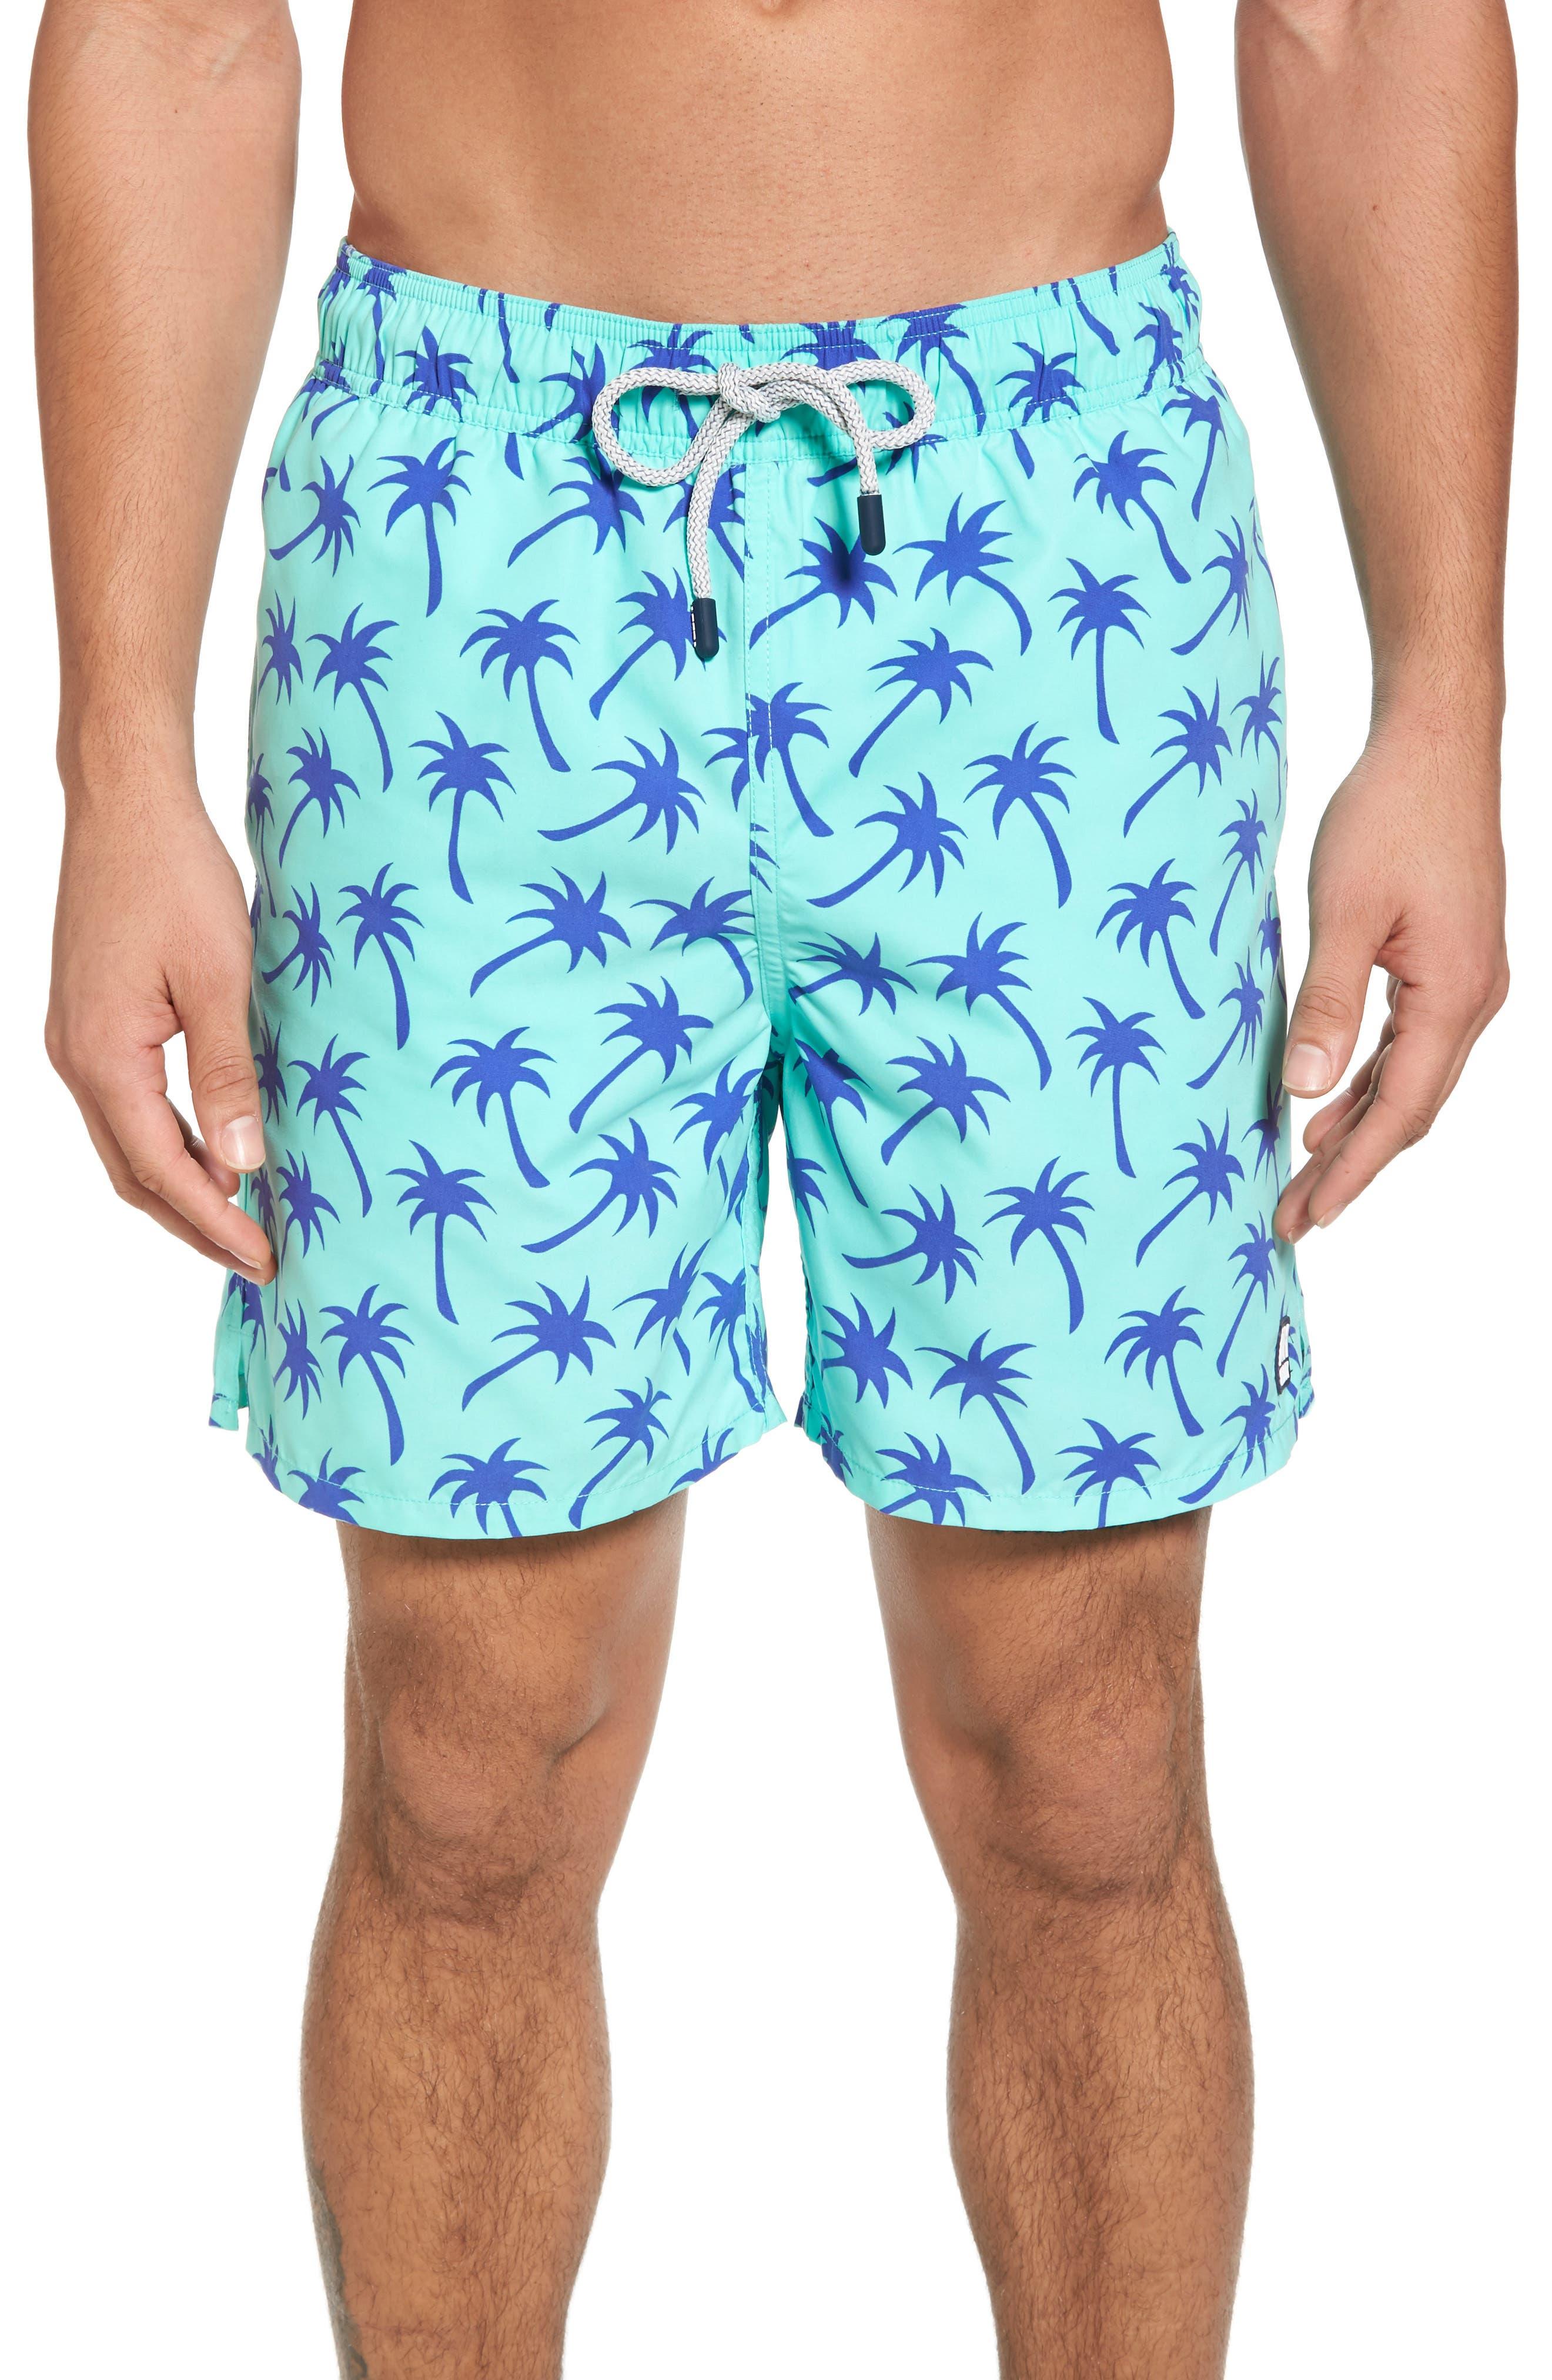 Tom & Teddy Palm Tree Print Swim Trunks